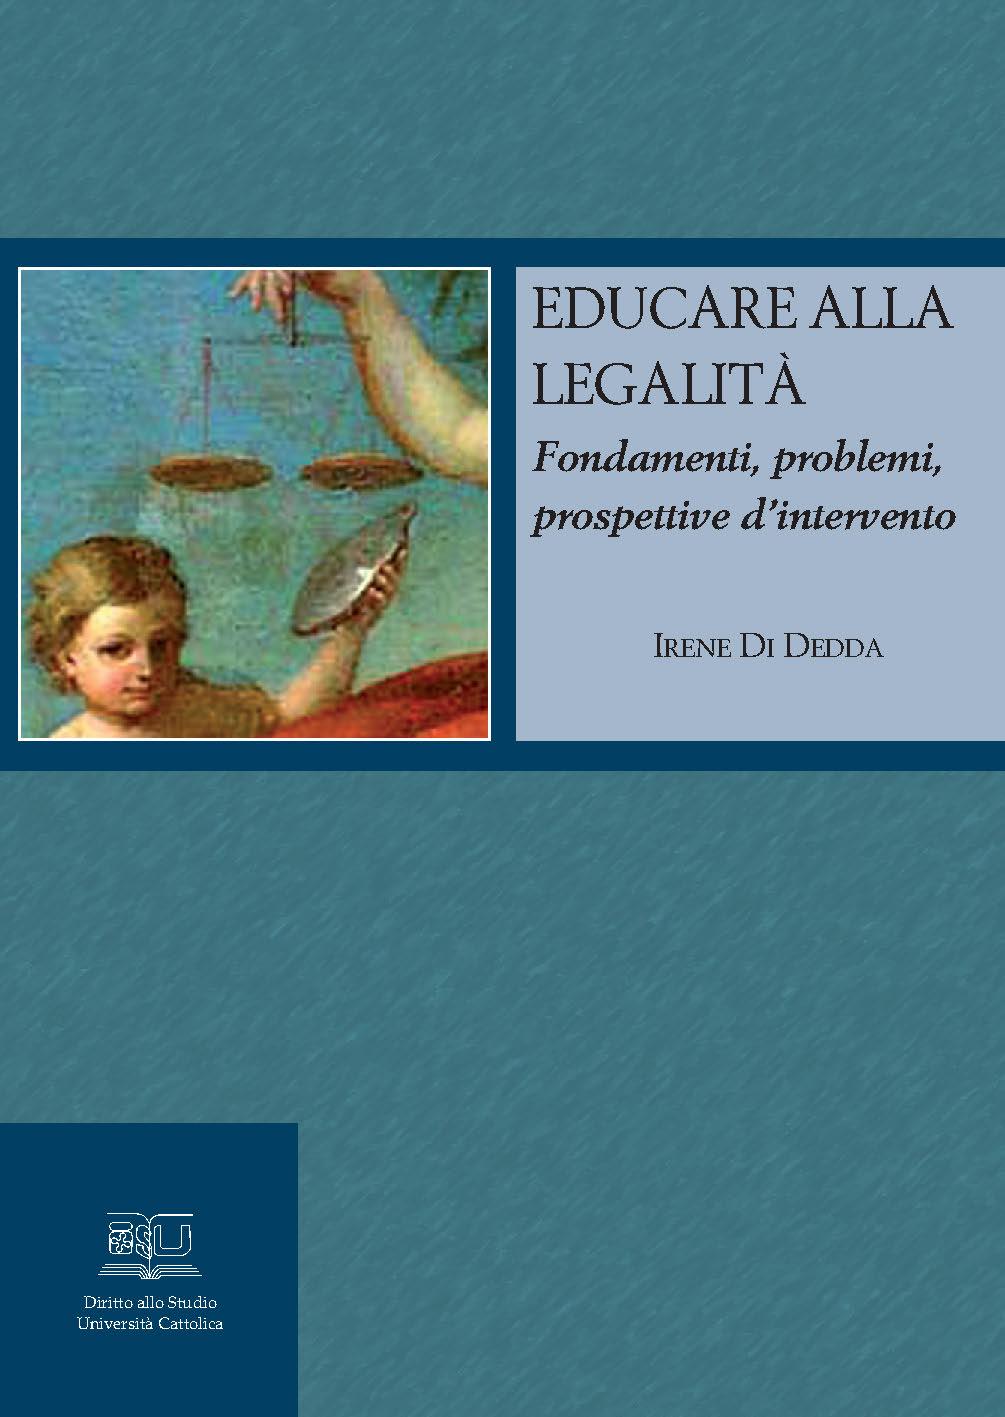 EDUCARE ALLA LEGALITÀ. FONDAMENTI, PROBLEMI, PROSPETTIVE D'INTERVENTO